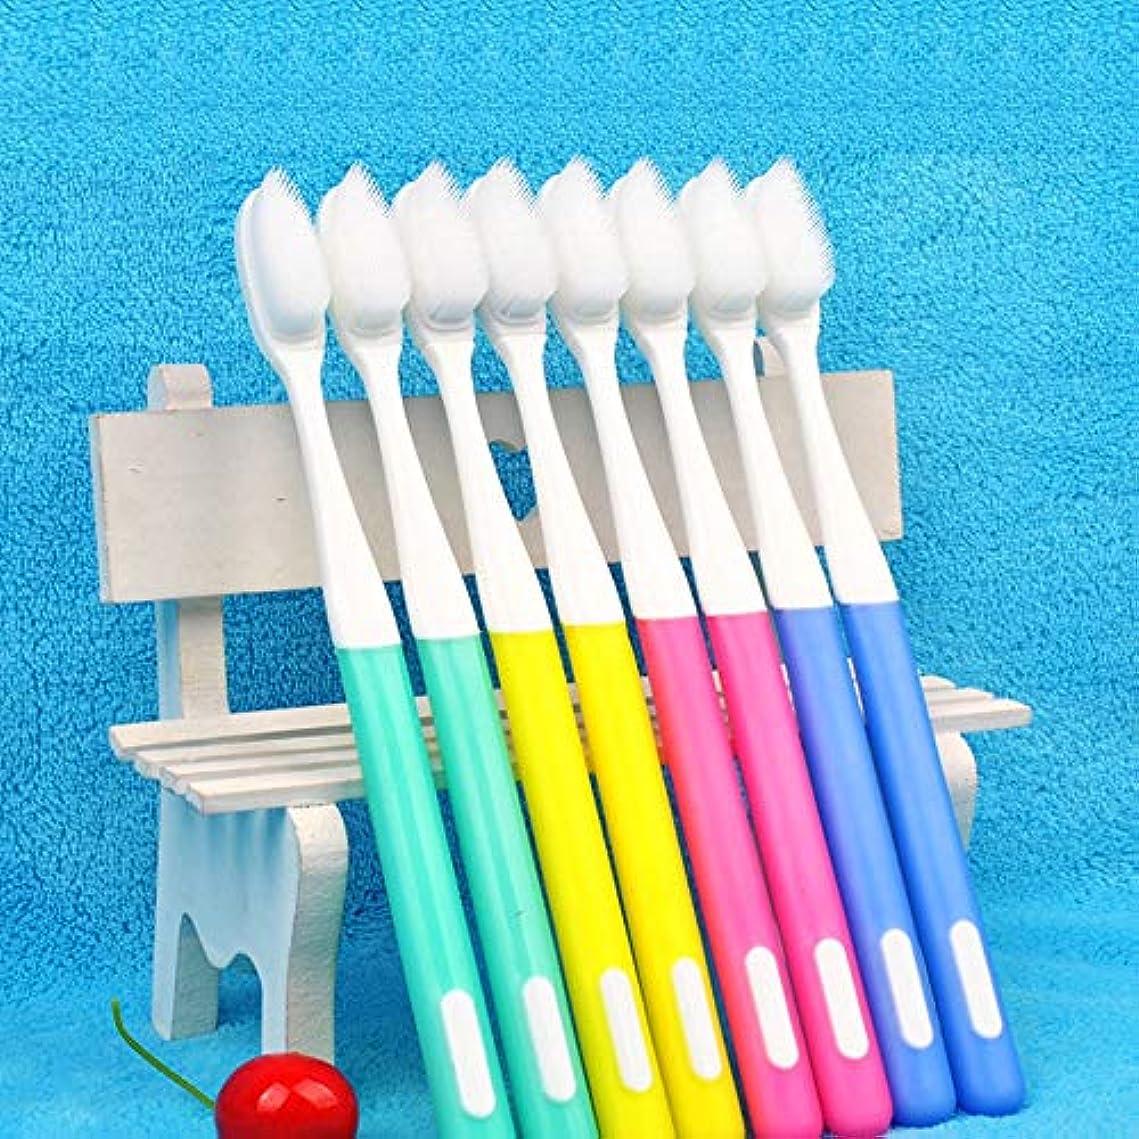 ジャングルコーチ夢歯ブラシ 歯ブラシを使用するには、全体の家族のために10パックナノ歯ブラシ、環境に優しいシリコーン歯ブラシ、 HL (色 : A, サイズ : 10 packs)